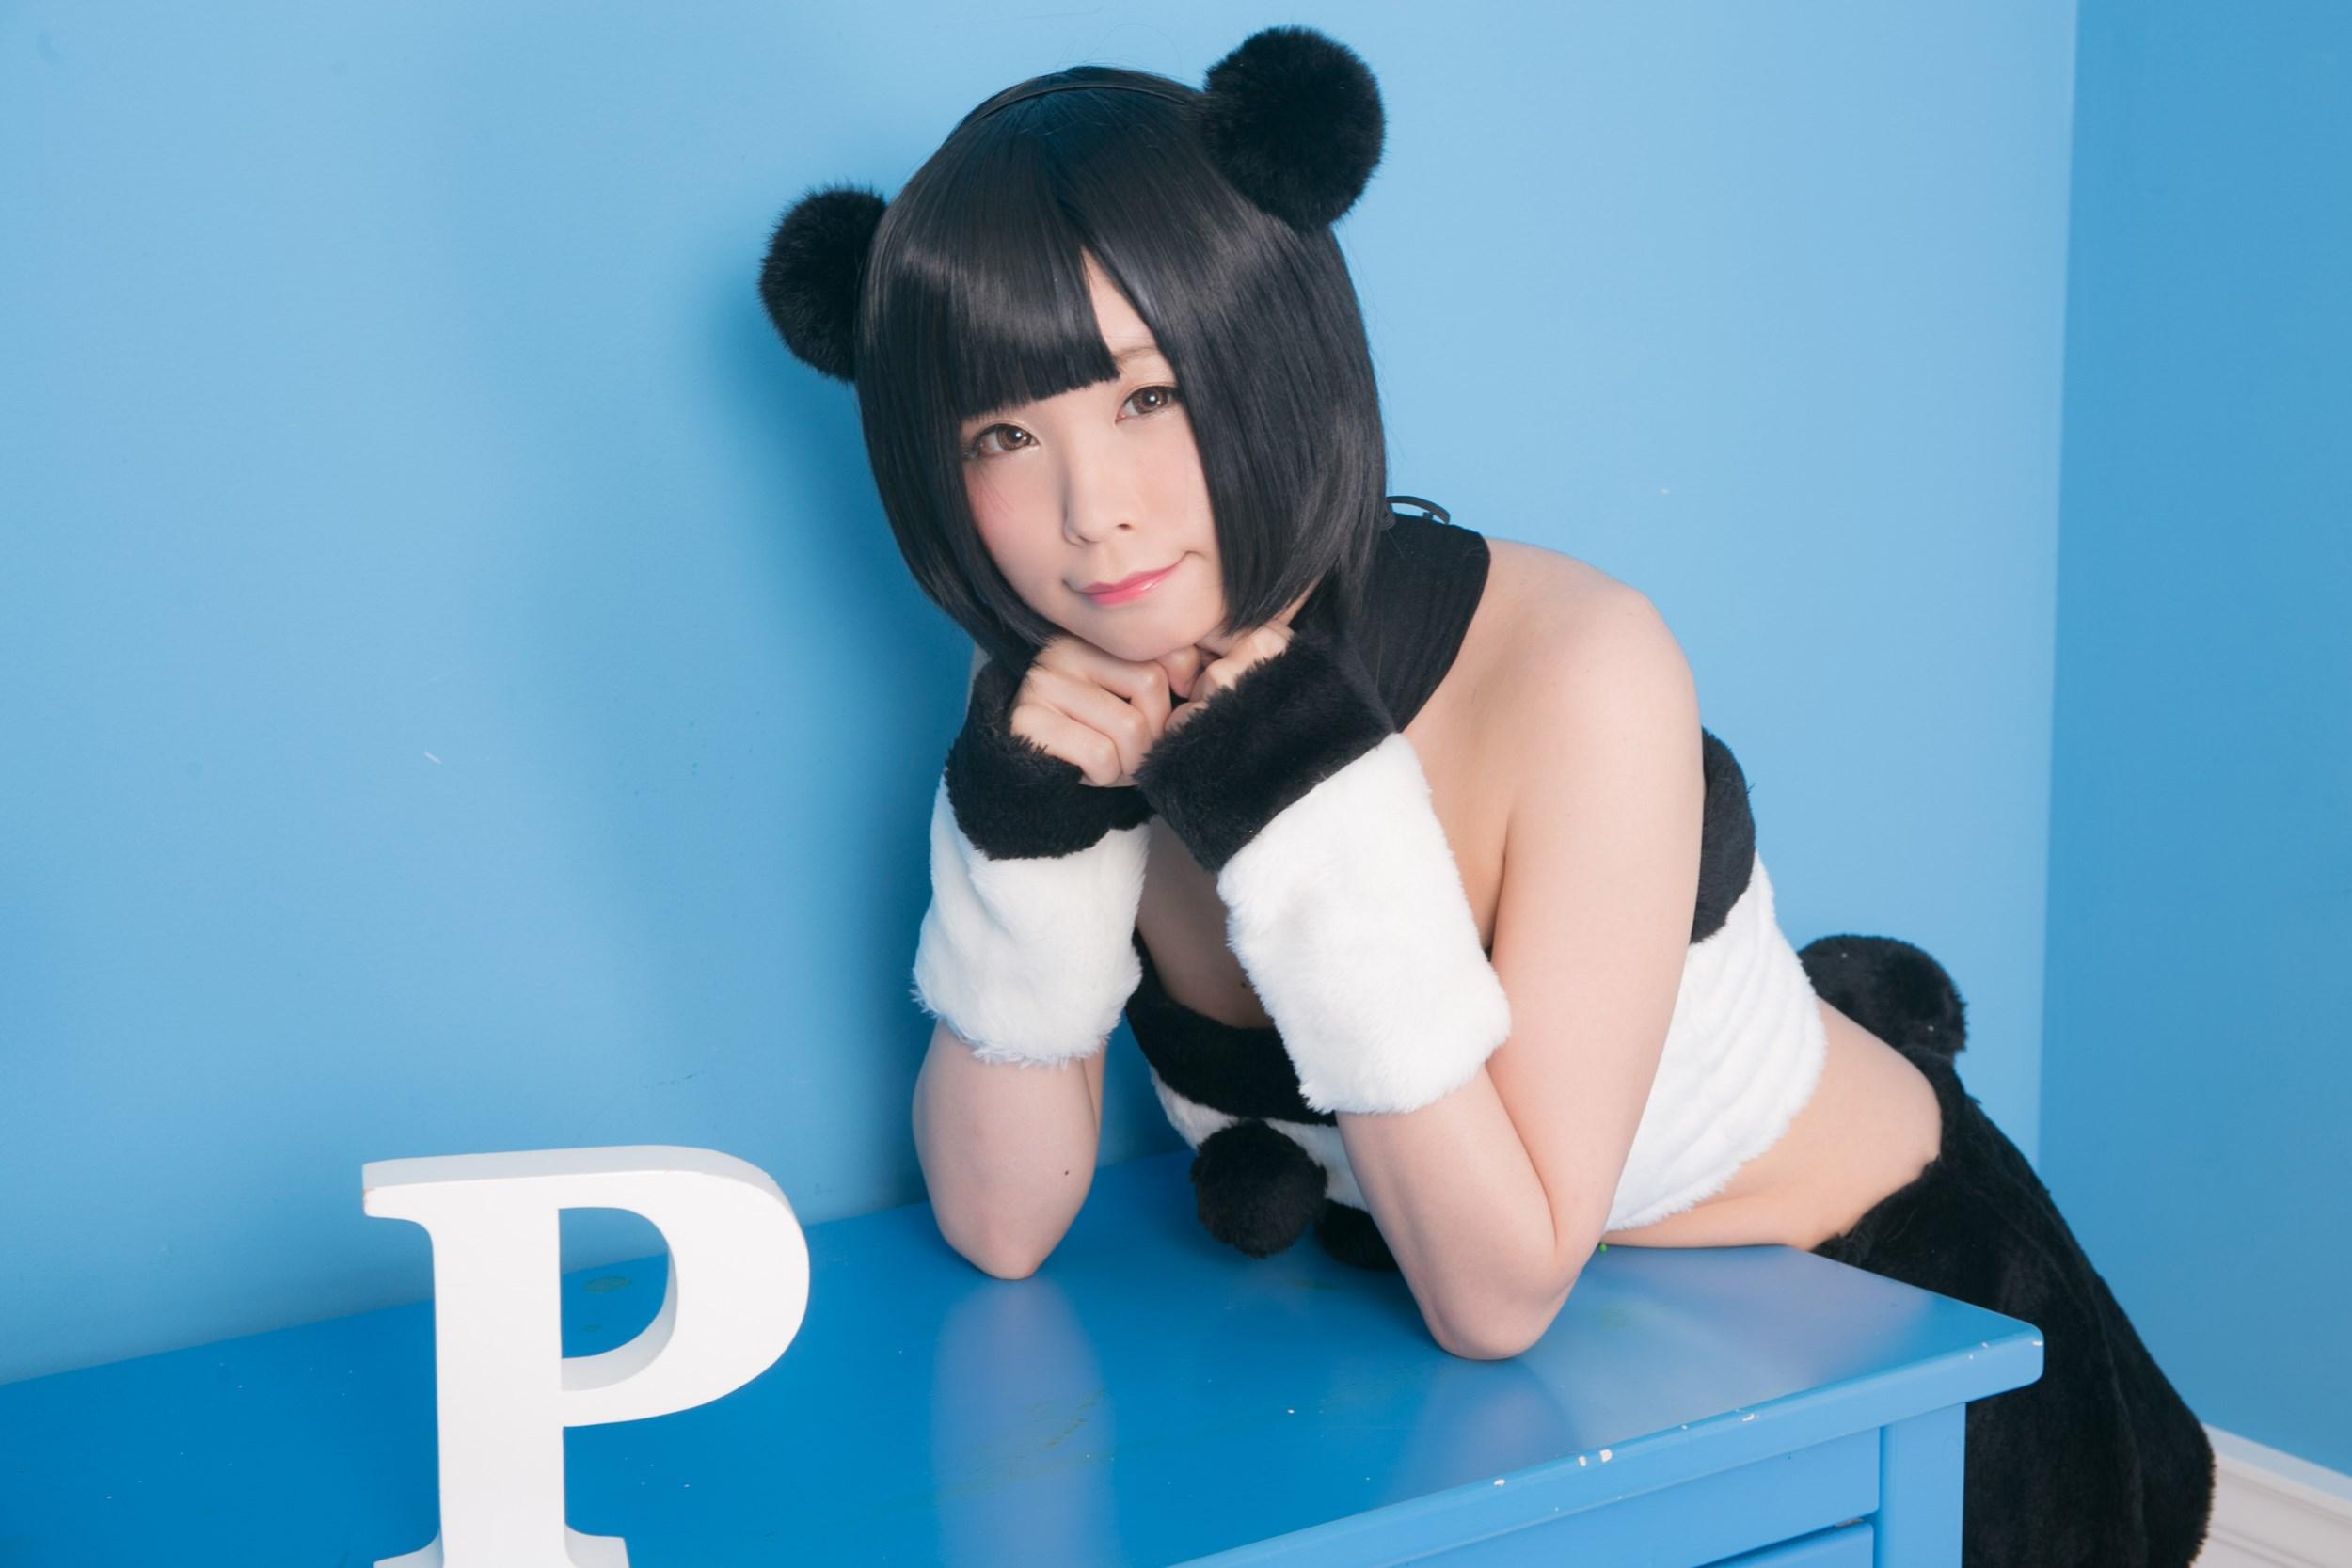 【兔玩映画】熊猫娘 兔玩映画 第10张